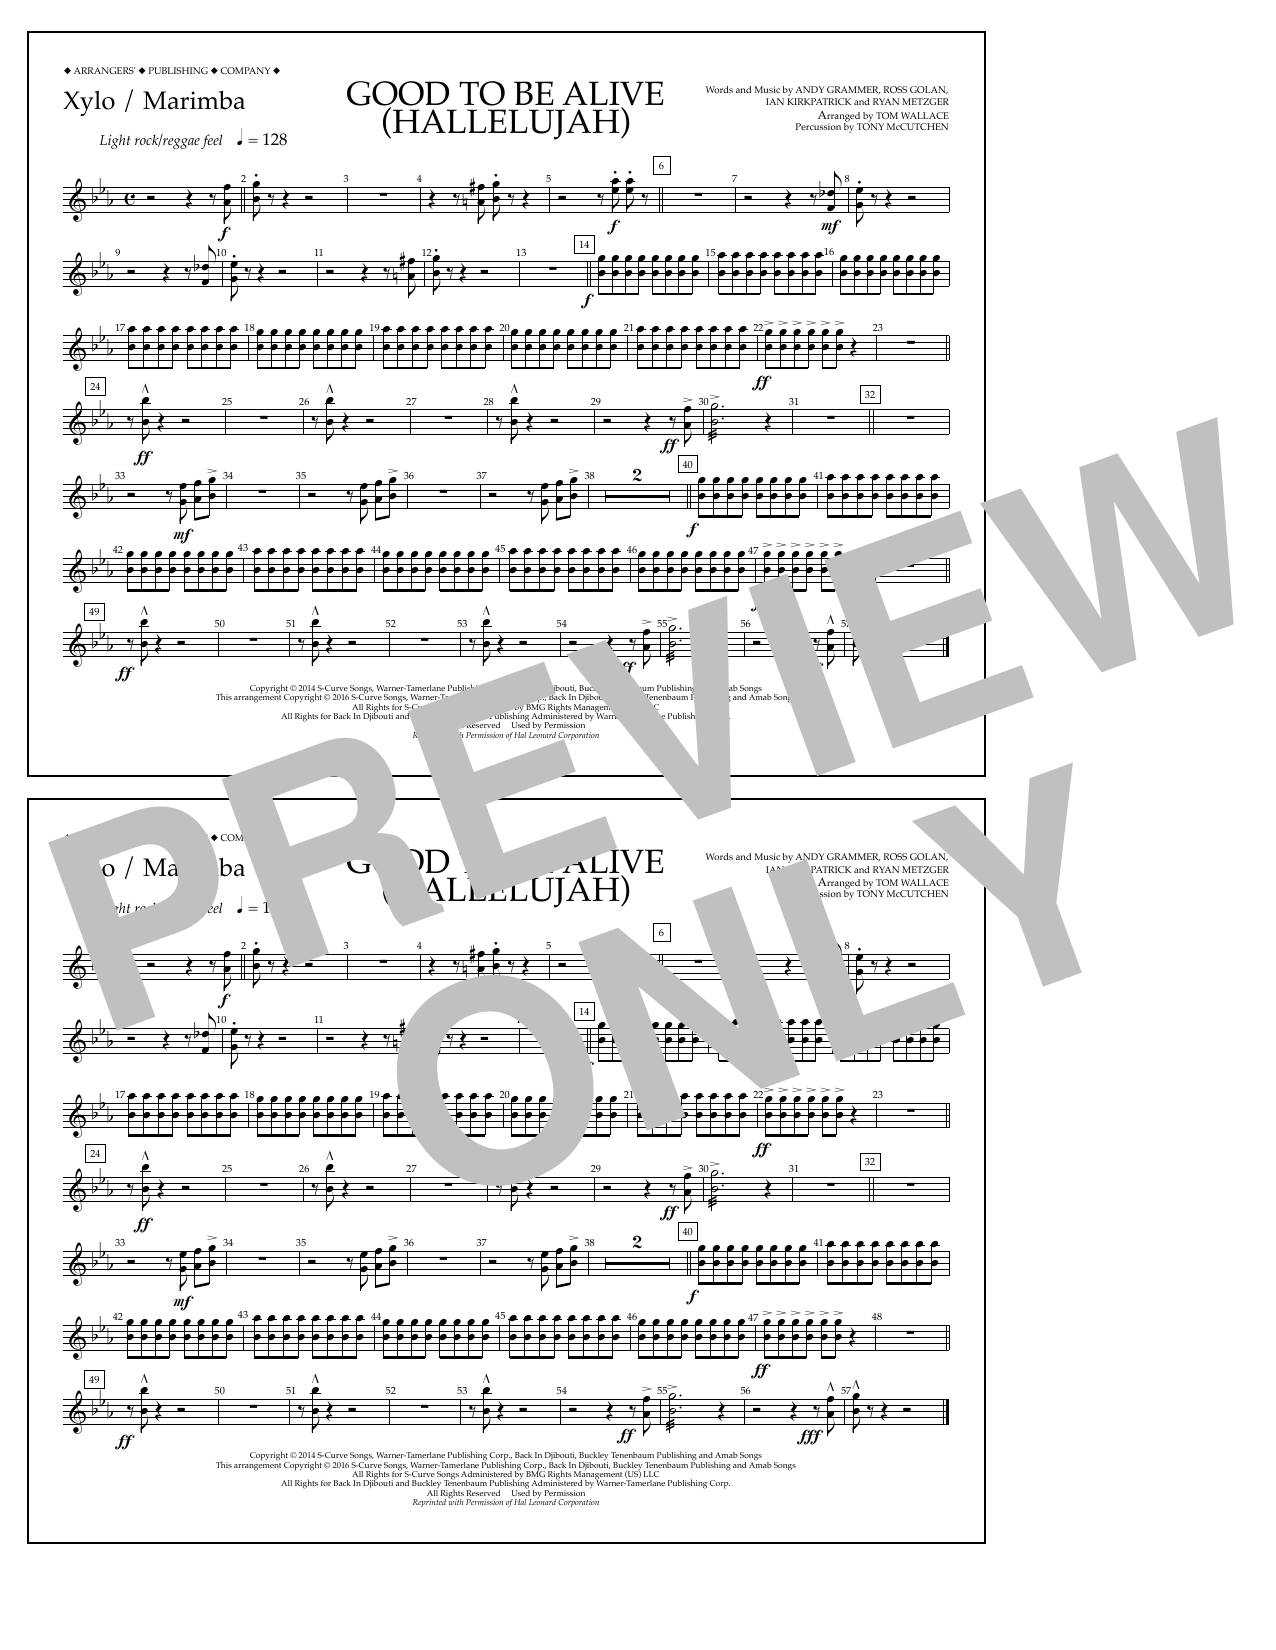 Good to Be Alive (Hallelujah) - Xylophone/Marimba Sheet Music